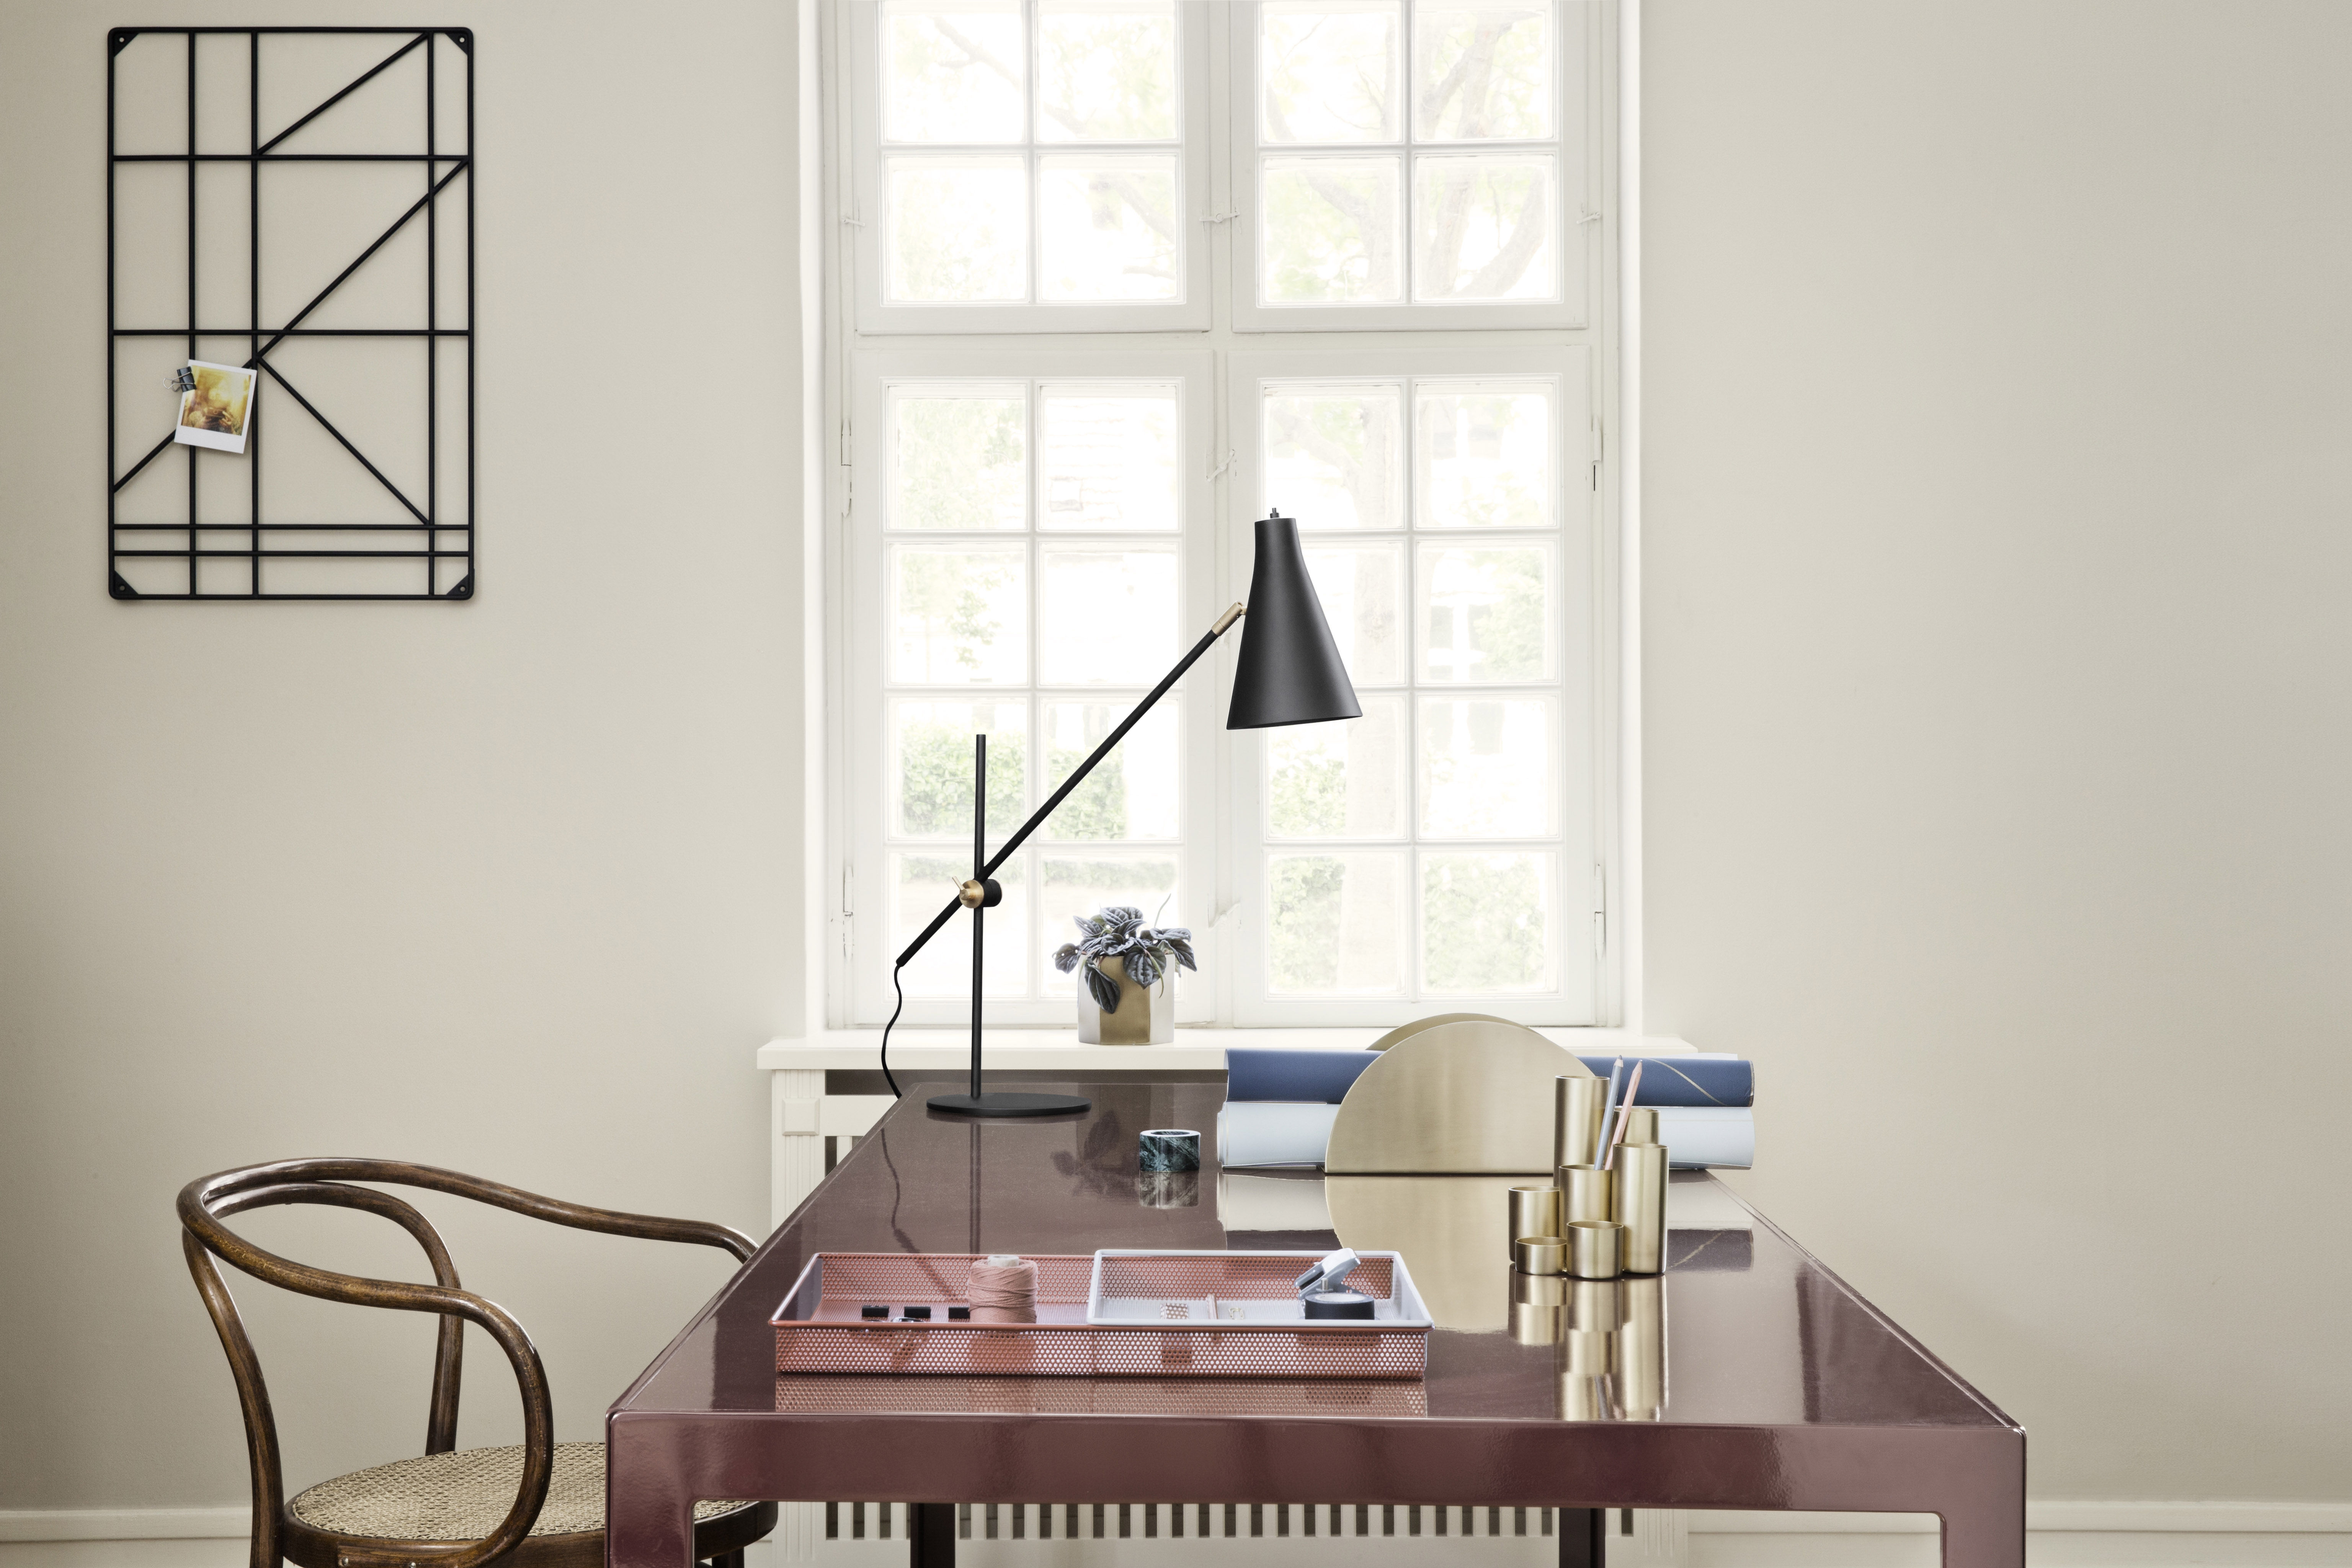 rangement square rack a suspendre ou accrocher au mur noir ferm living. Black Bedroom Furniture Sets. Home Design Ideas